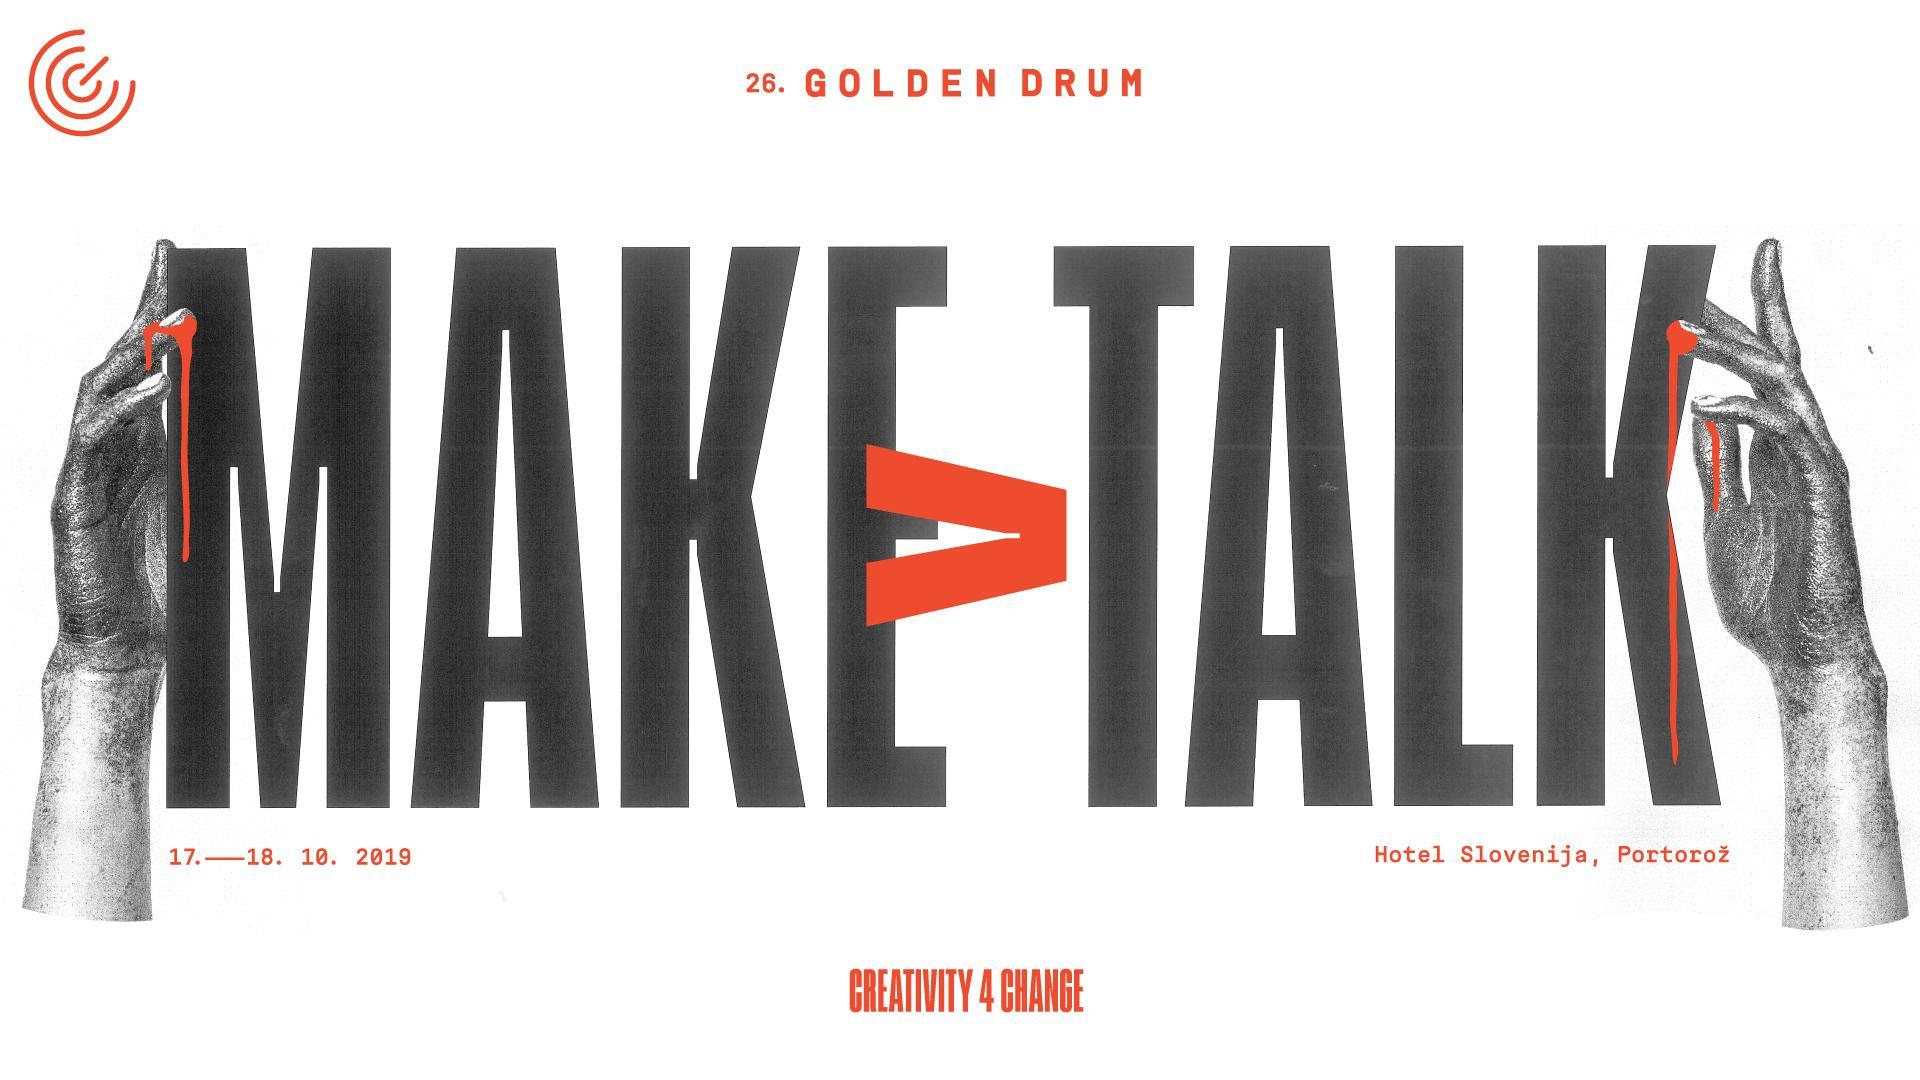 golden drum 19